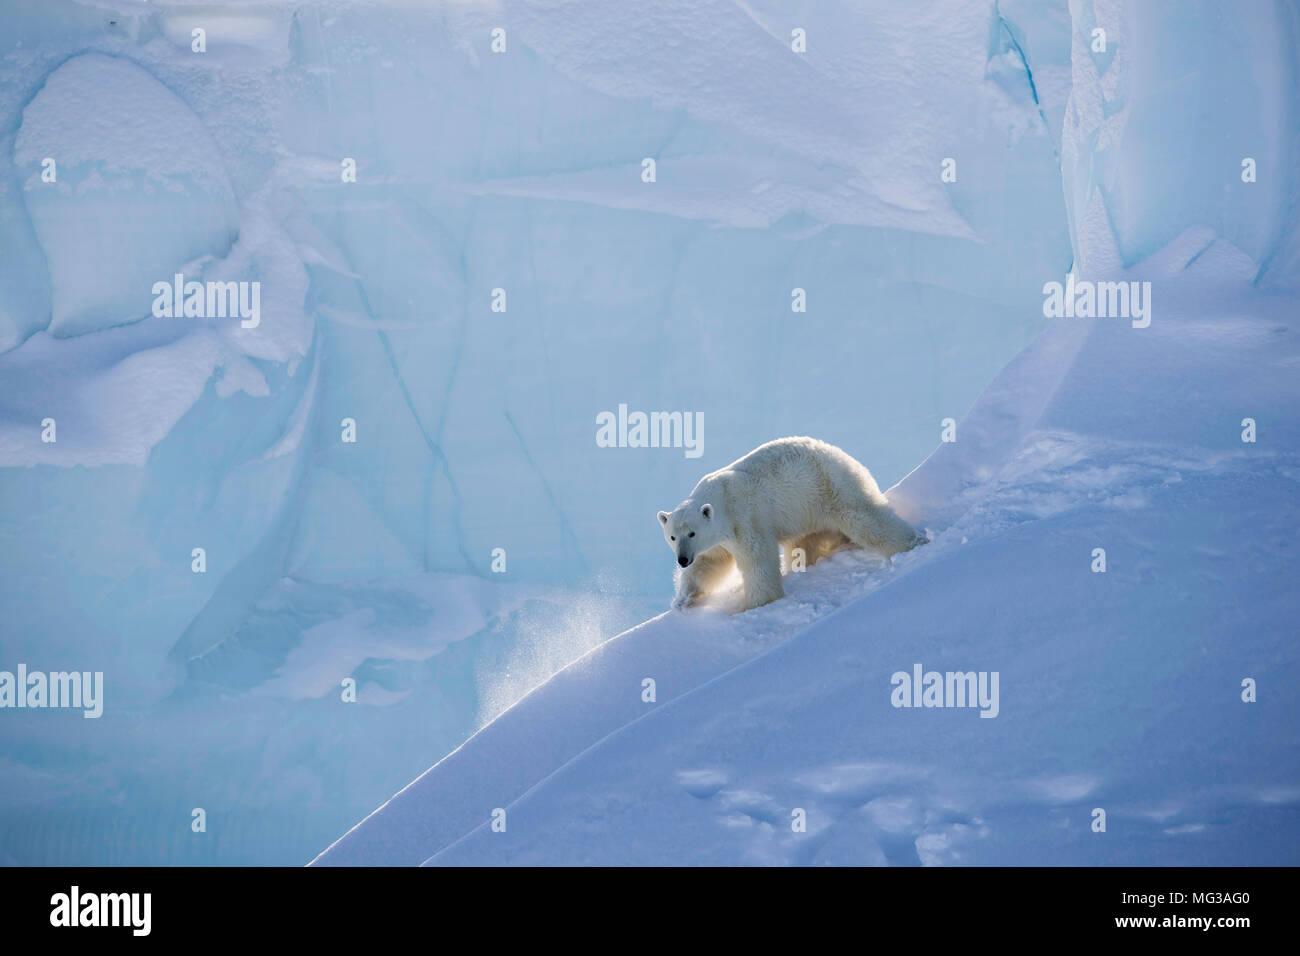 Femmina orso polare scorre giù per la neve e il ghiaccio di un iceberg sull Isola Baffin, Canada Settentrionale Immagini Stock